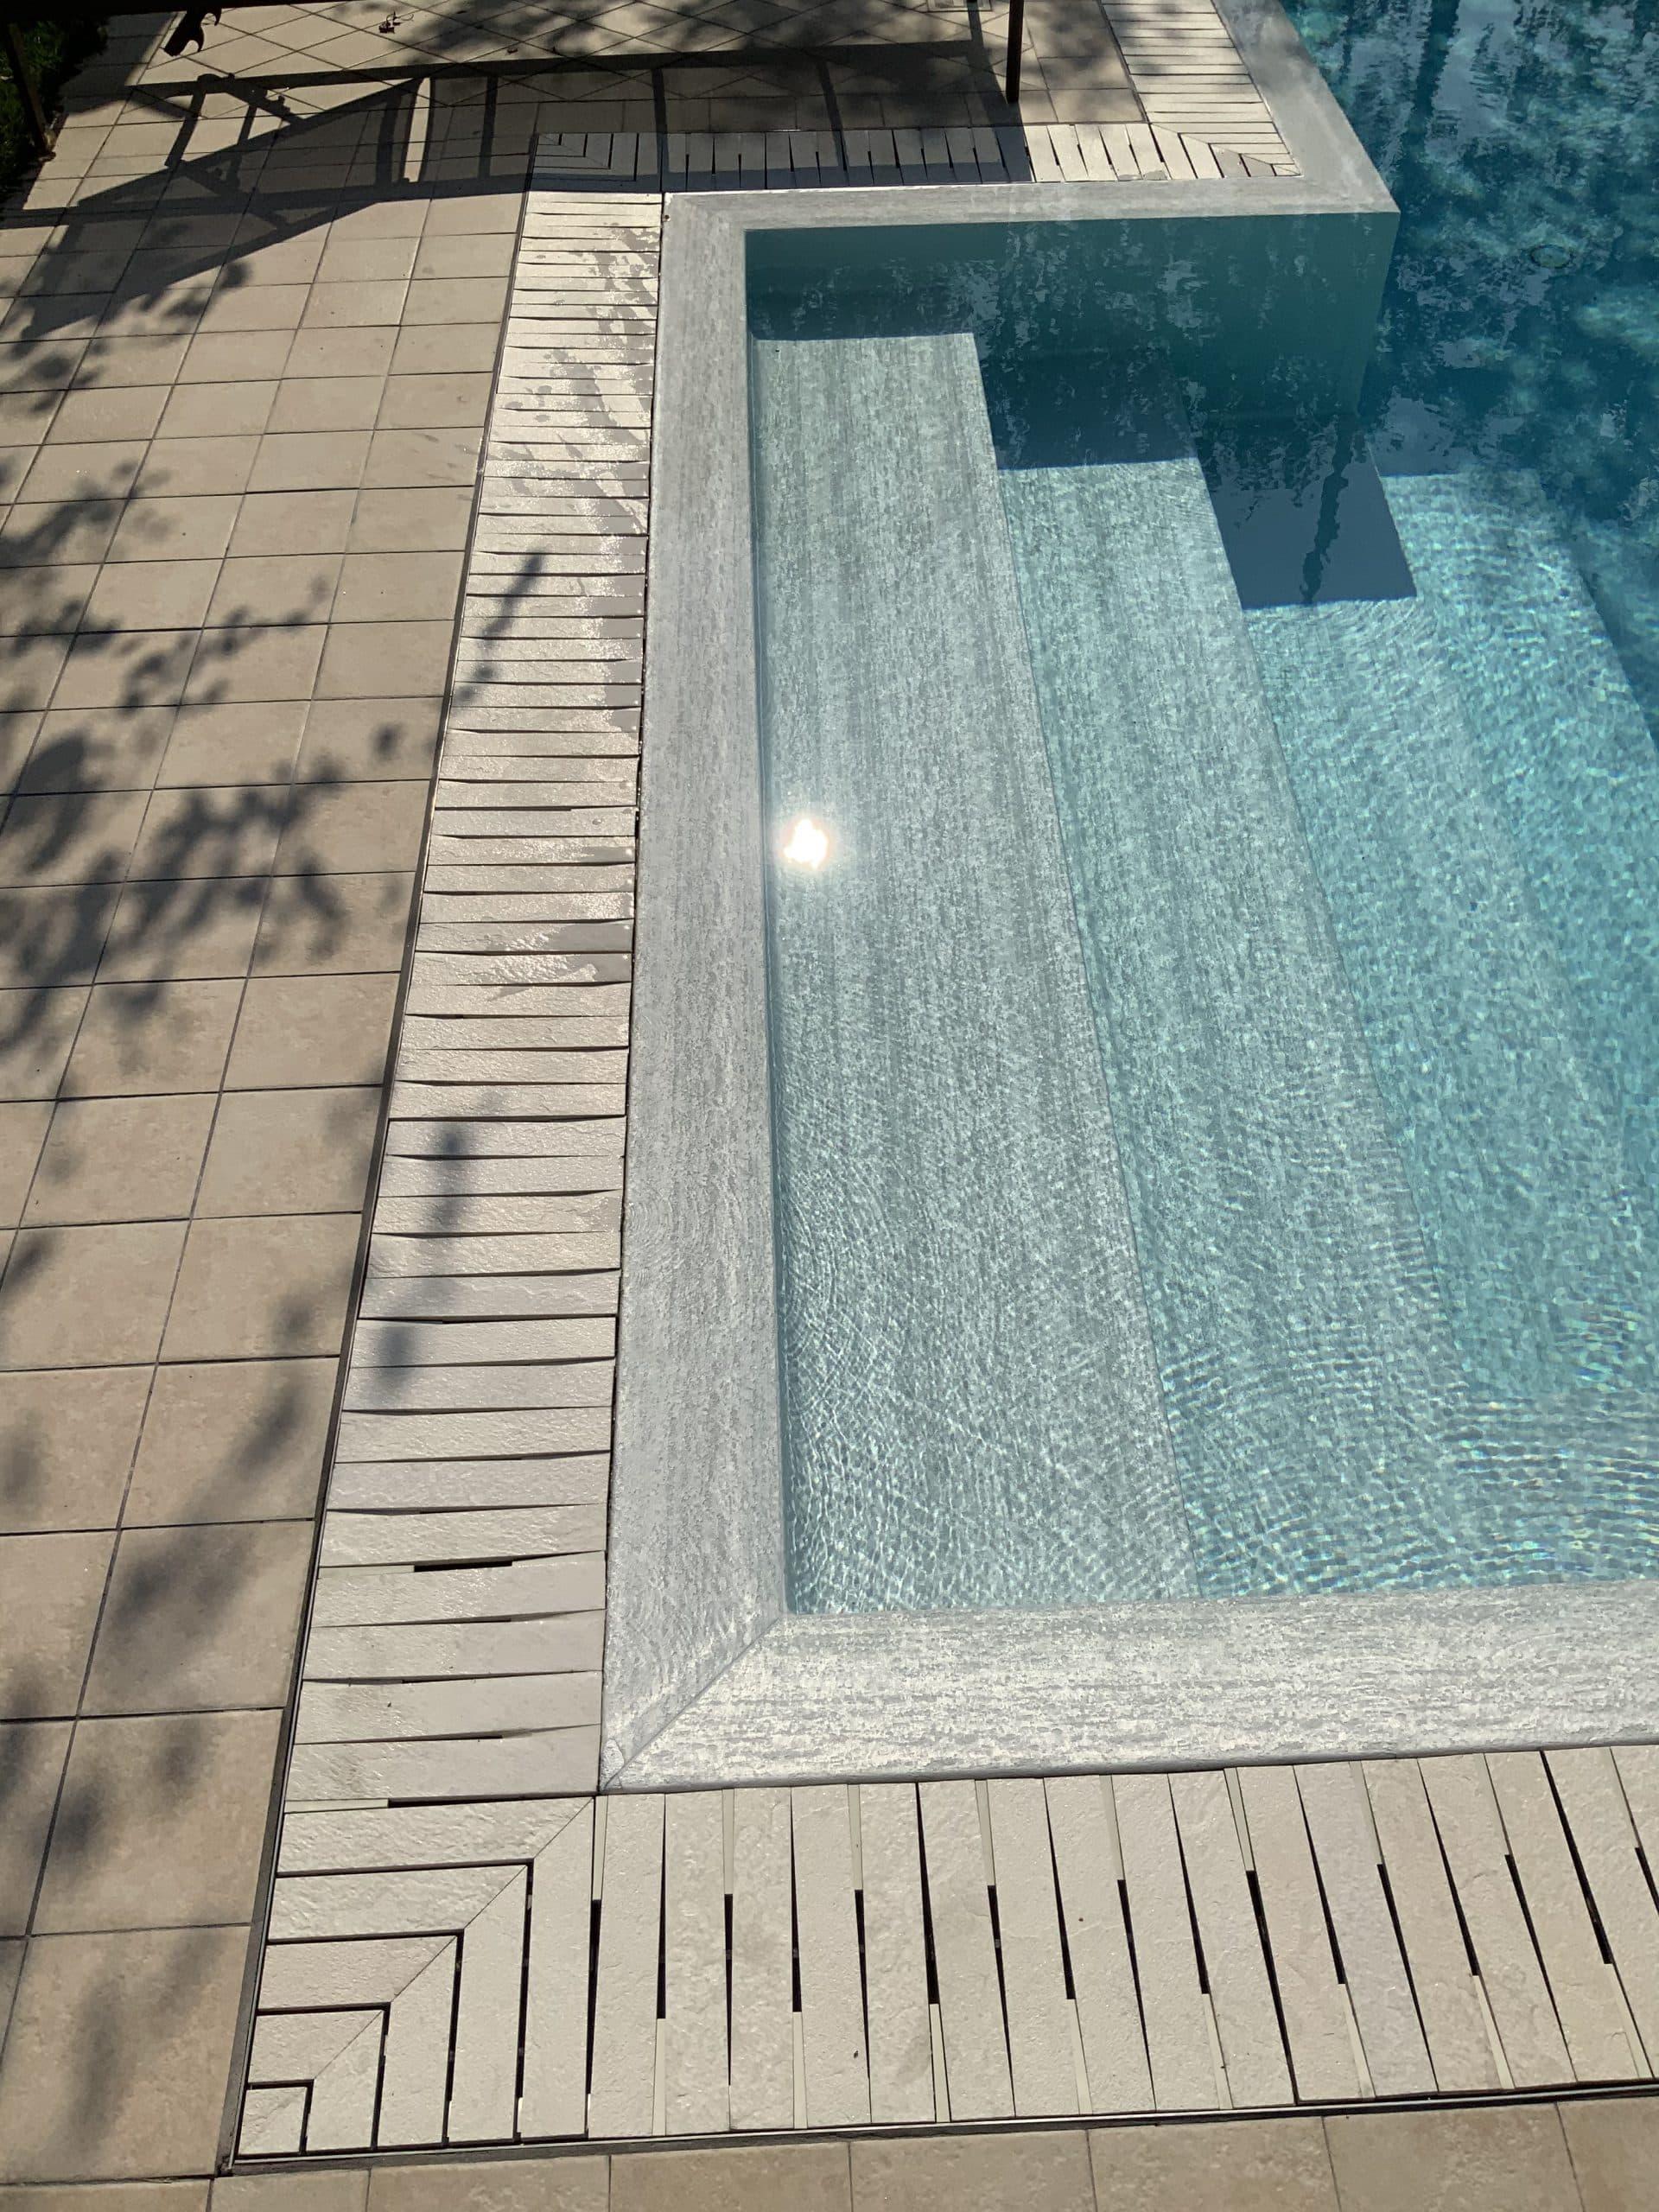 kratka przelewowa basenowa gresowa kamienna kolorowa basen infinity przelewowy Modulartem włoska elegancka